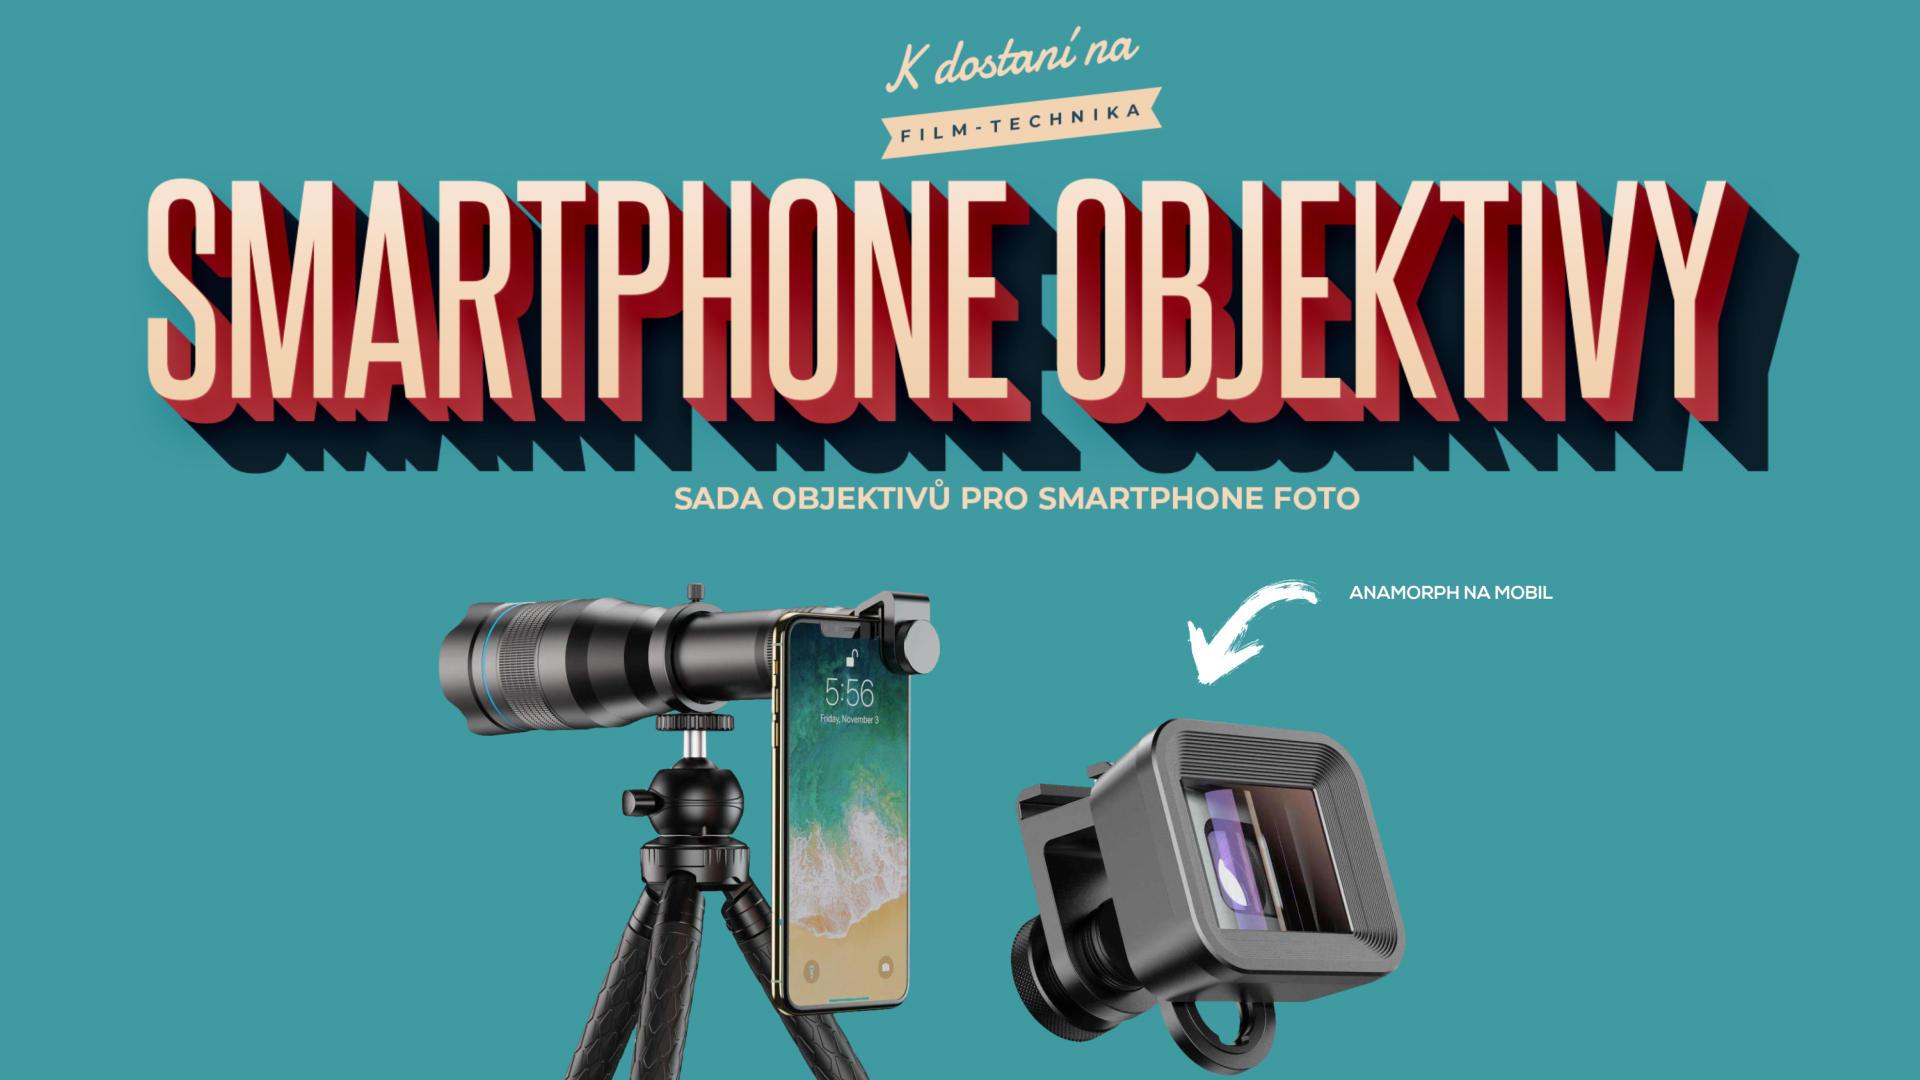 Smartphone objektivy